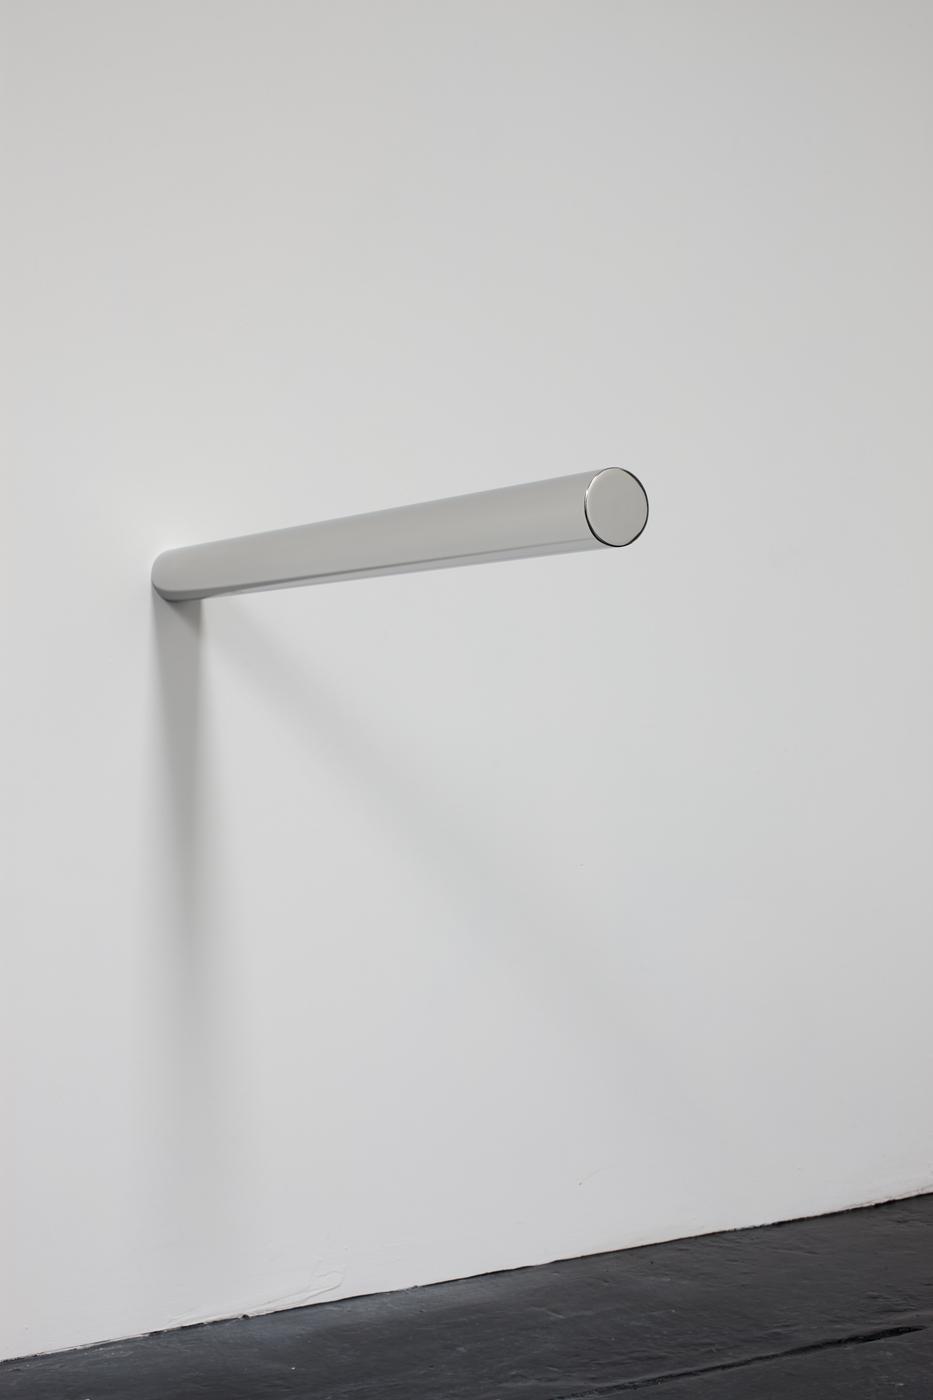 05. Lazaros - Silver Cord, 2014